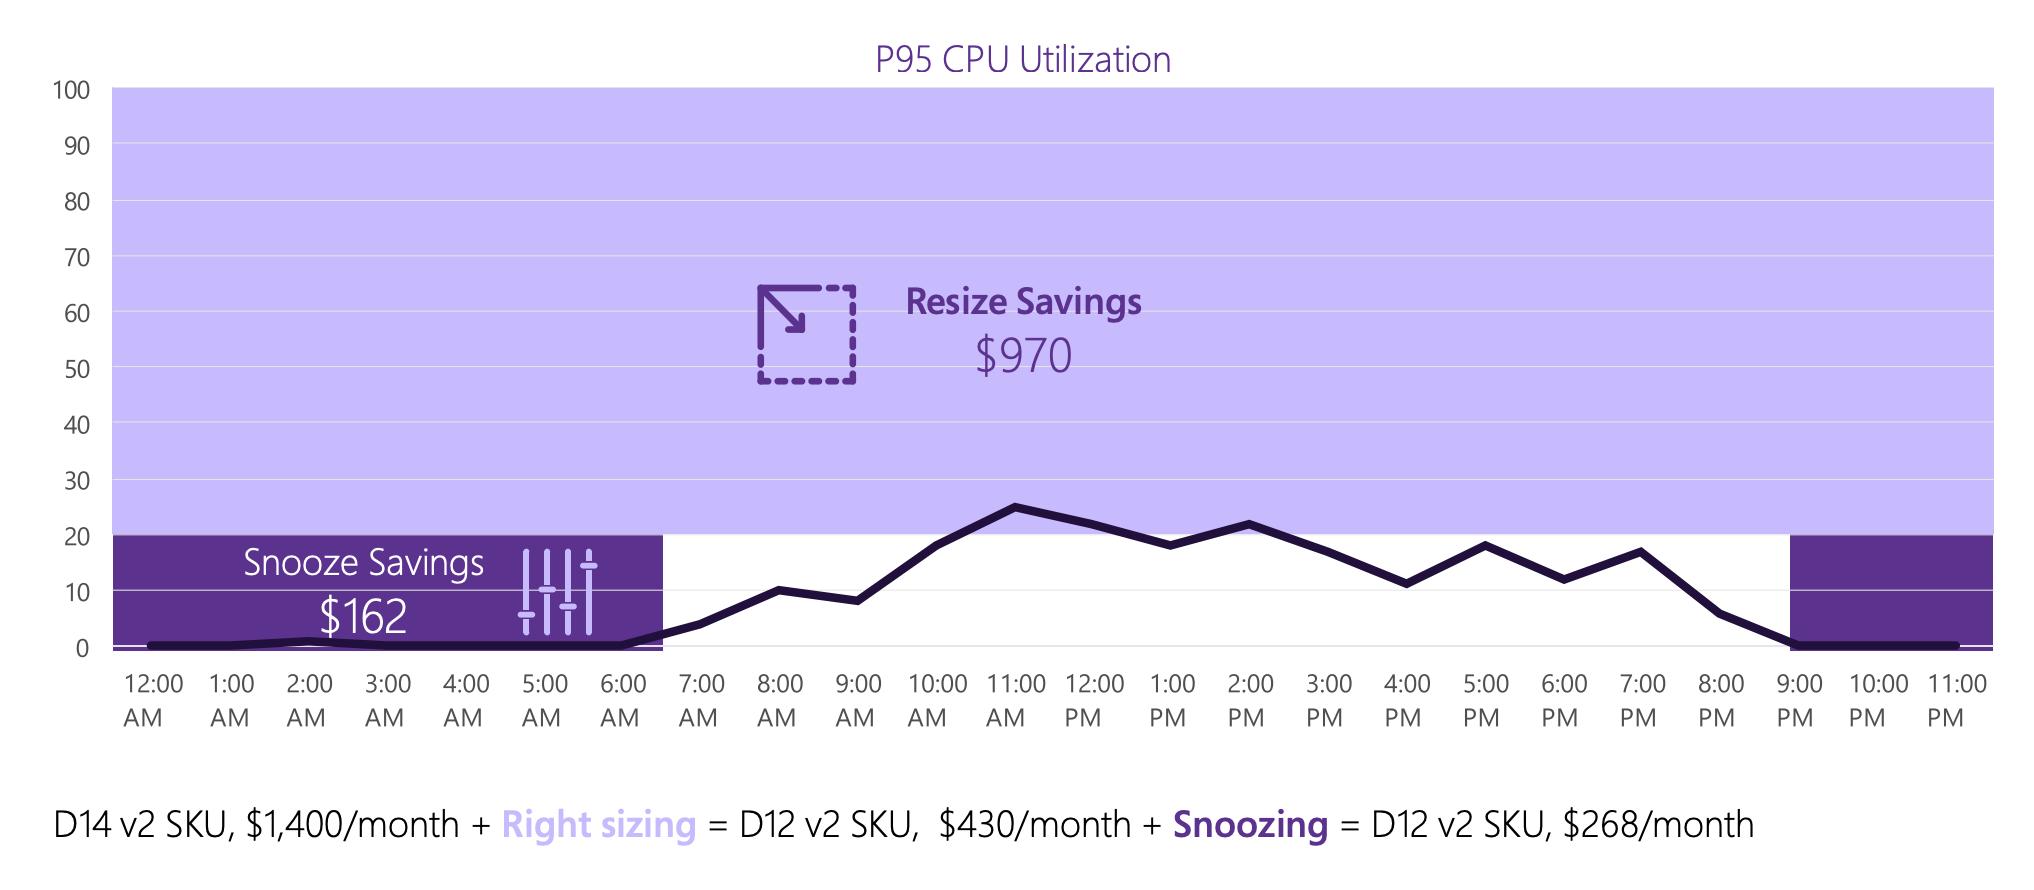 P95 CPU Utilization graph.